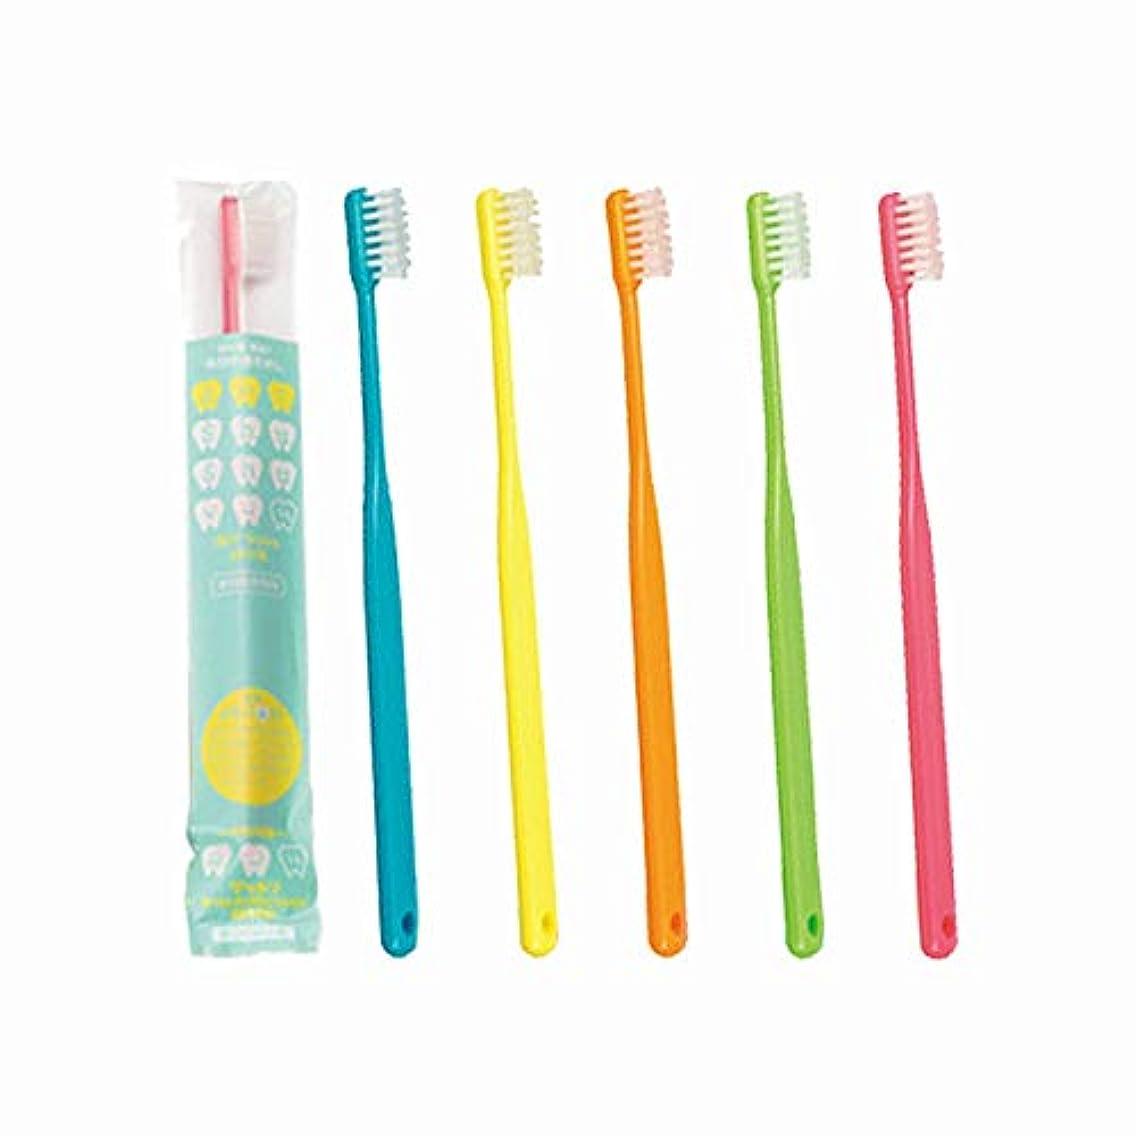 教室後世アクセサリー大人用歯ブラシ 歯科専売品 FEED(フィード) 占い!Shu Shu(うらないシュシュ)歯ブラシ×10本 (ふつう(M), 色はおまかせ)